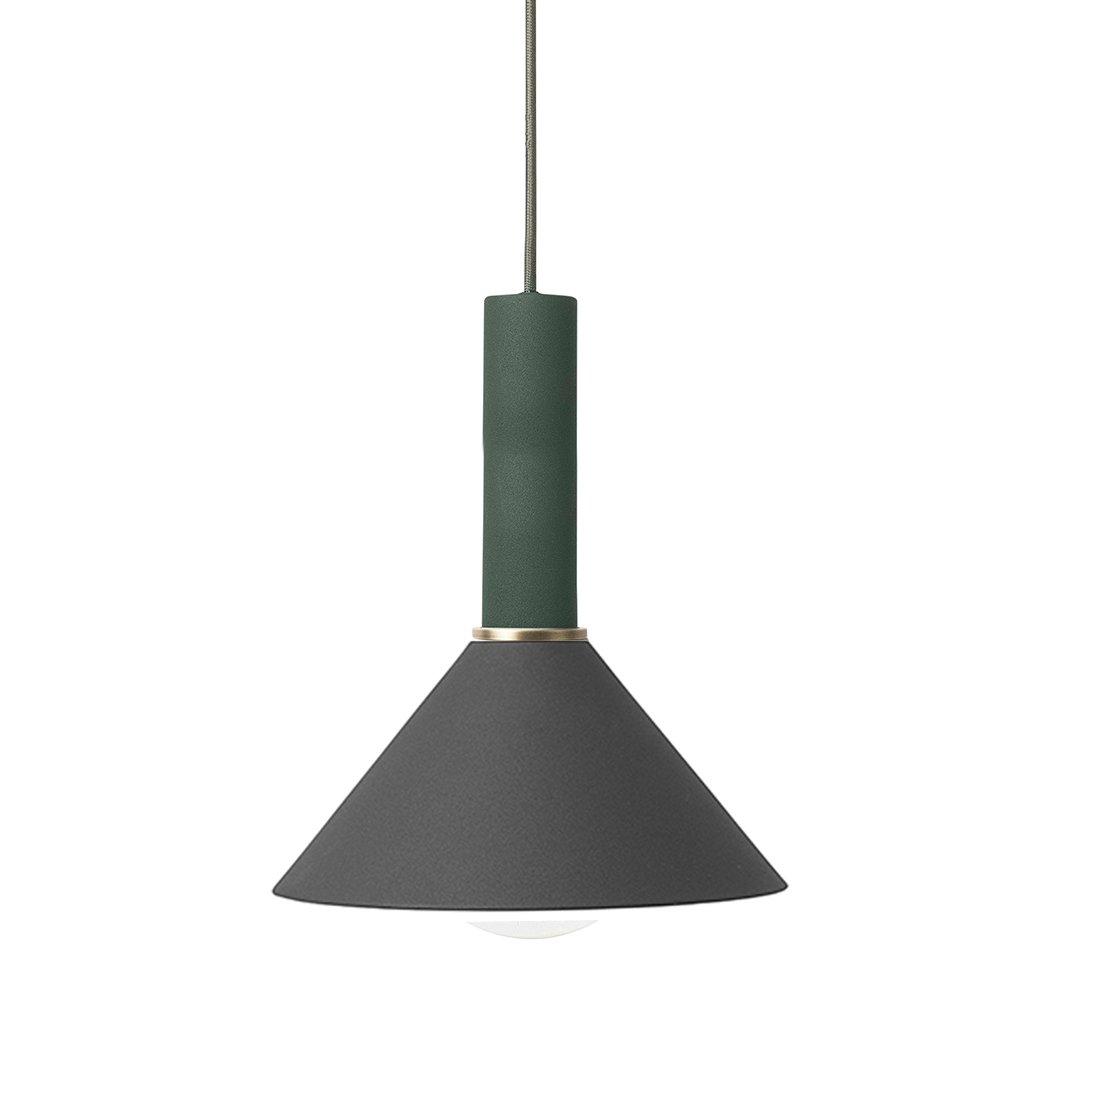 Ferm Living Collect Cone High Hanglamp Donkergroen Zwart